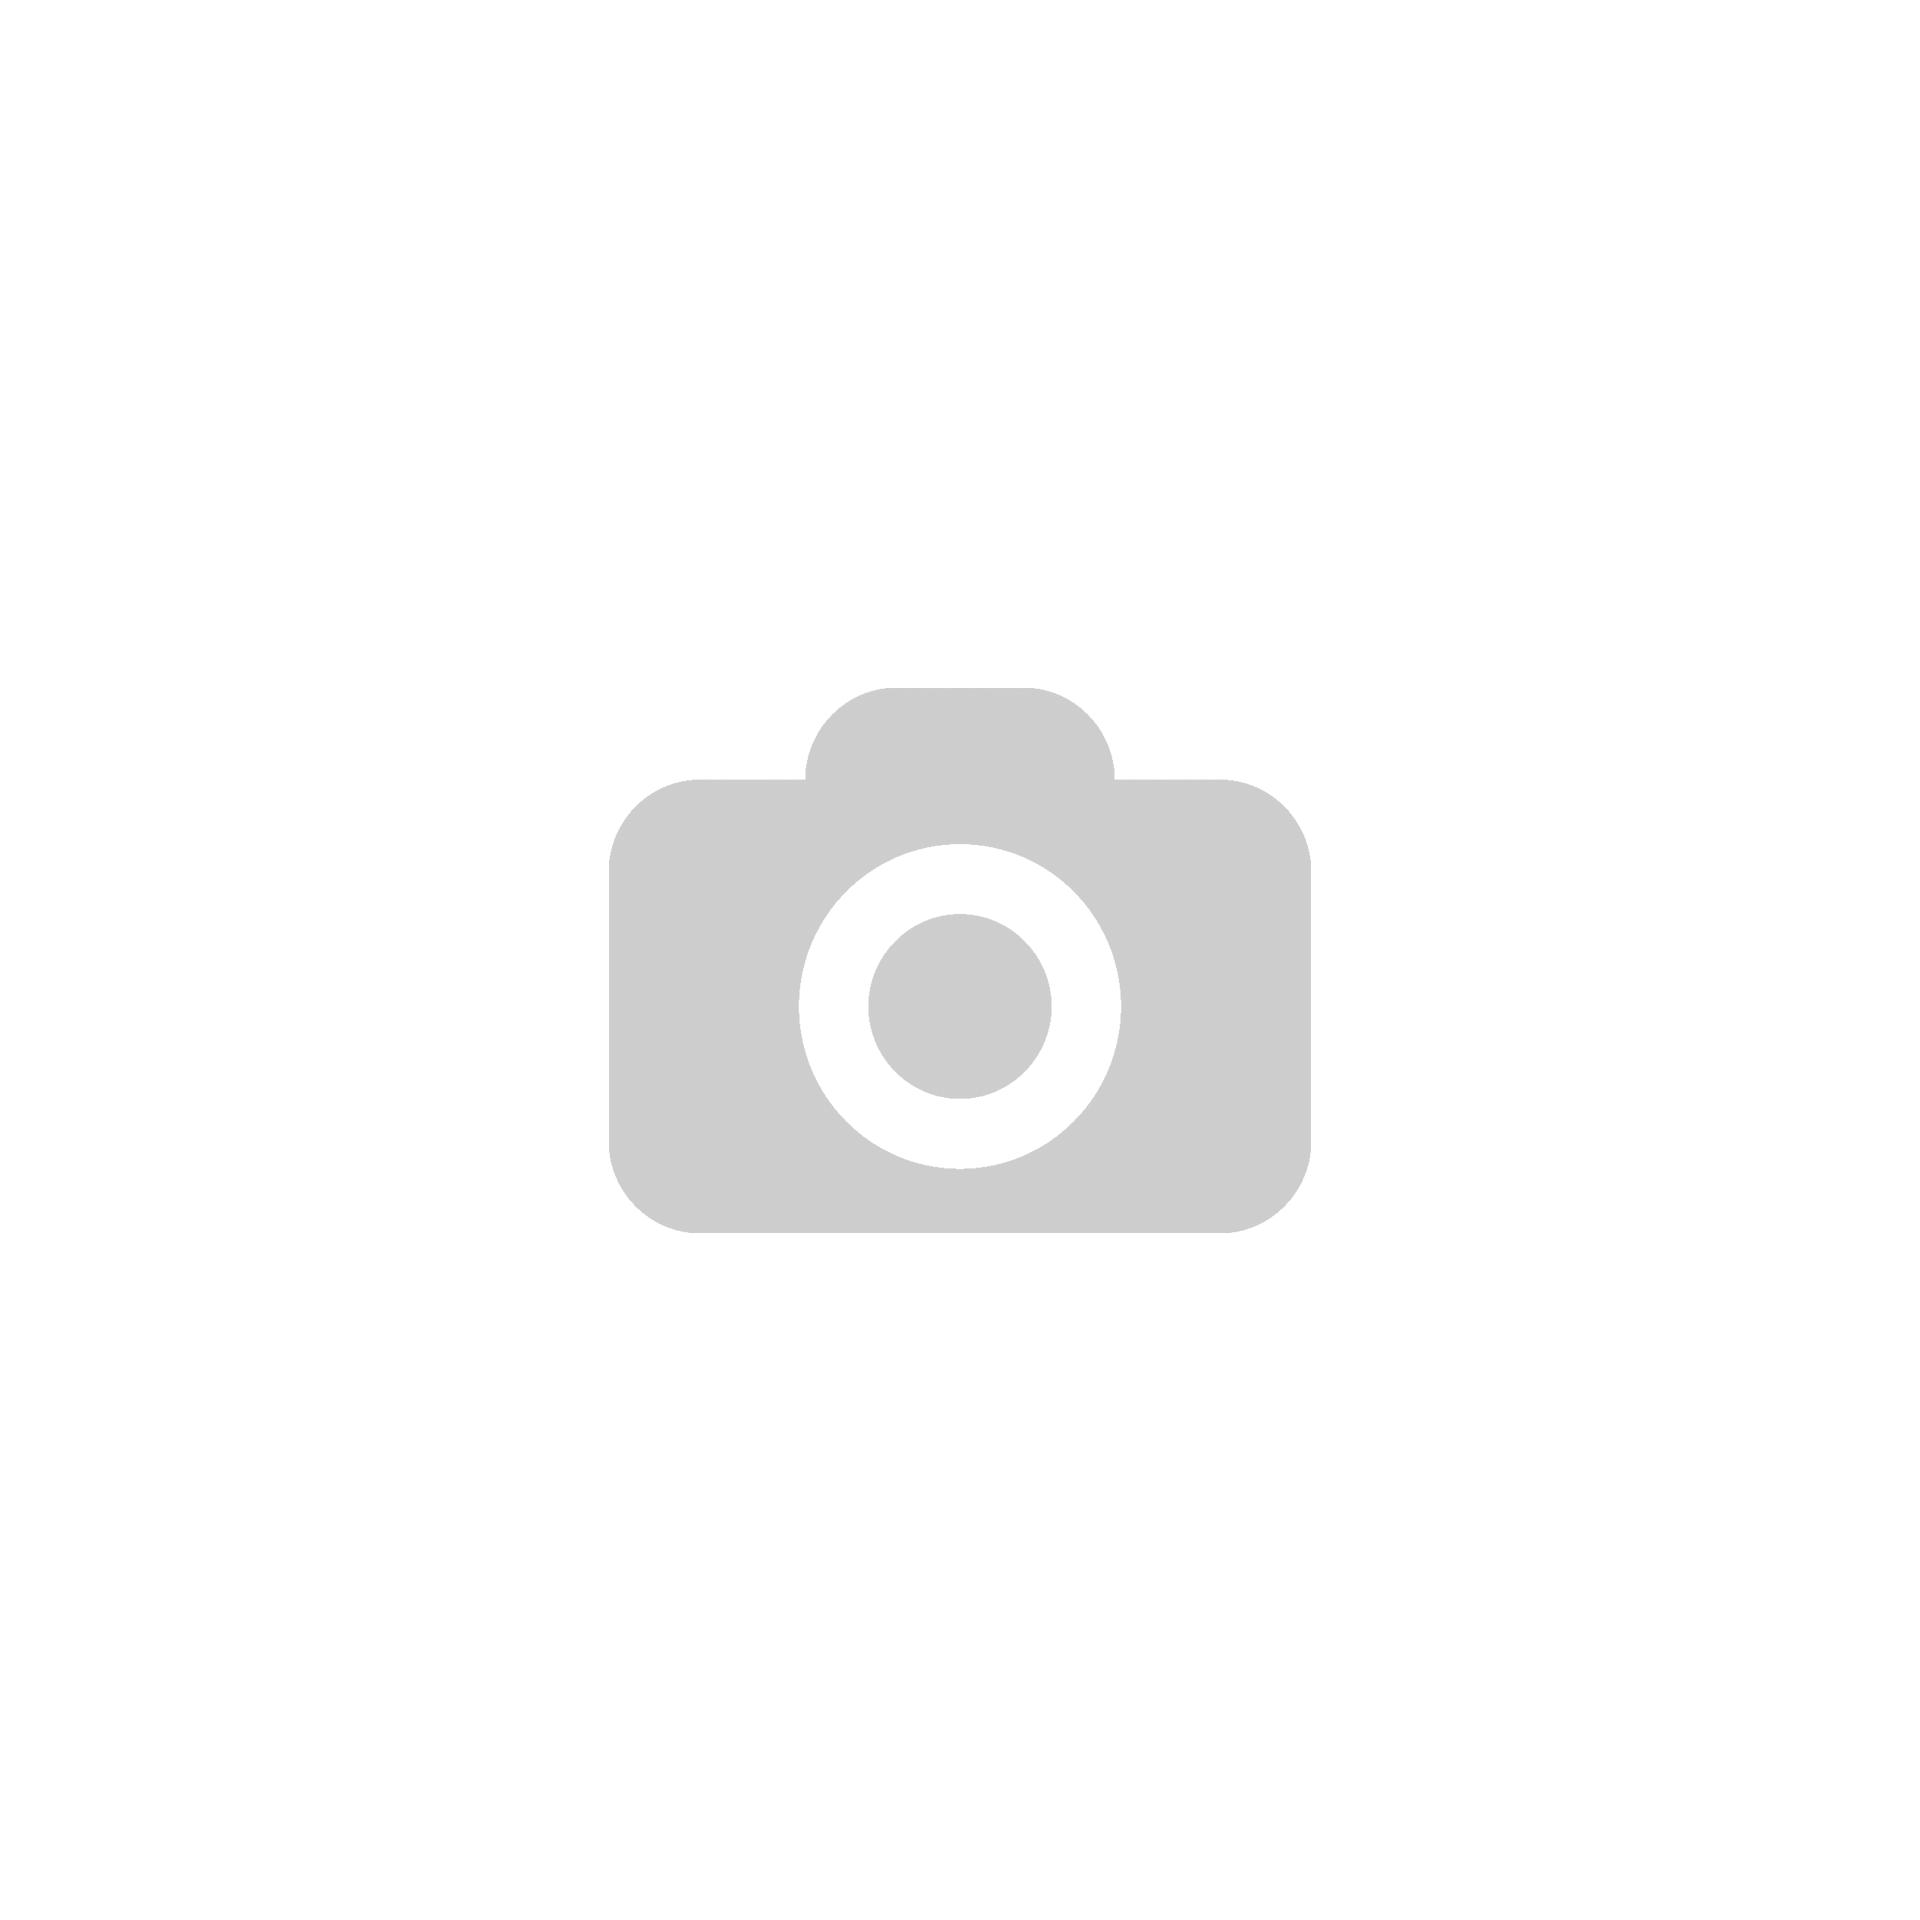 1d4c4ae086 FW84 - Élelmiszeripari védőcsizma S4, fehér | Lavigo-Agro Kft.